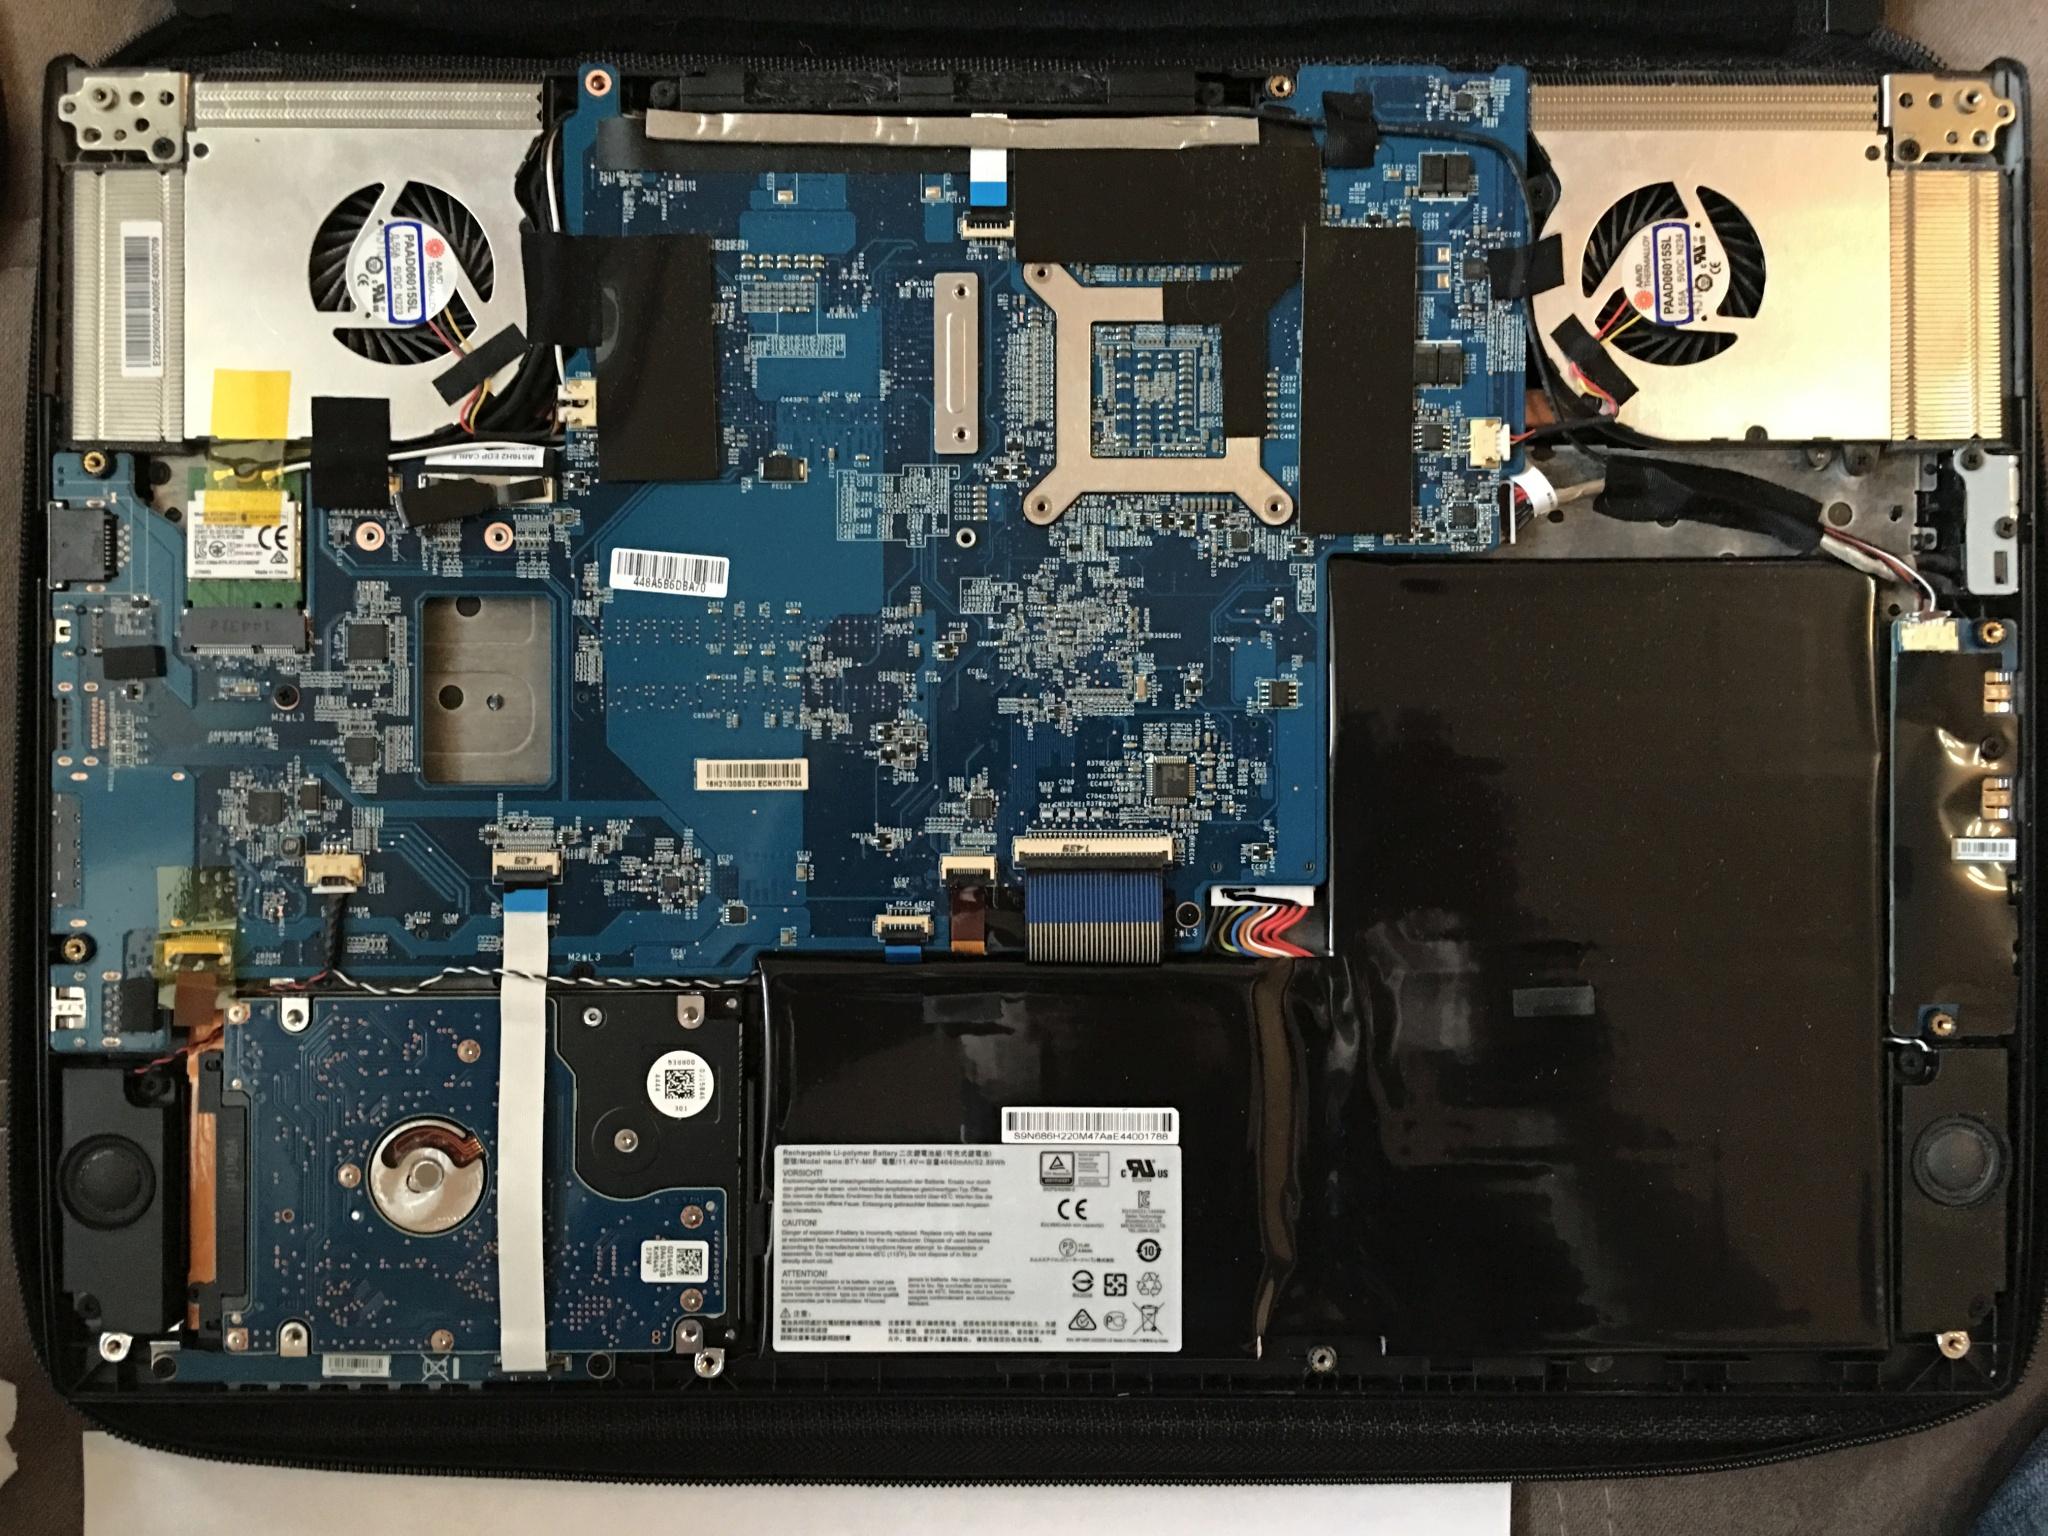 SSD 850 EVO SATA M.2 500GB